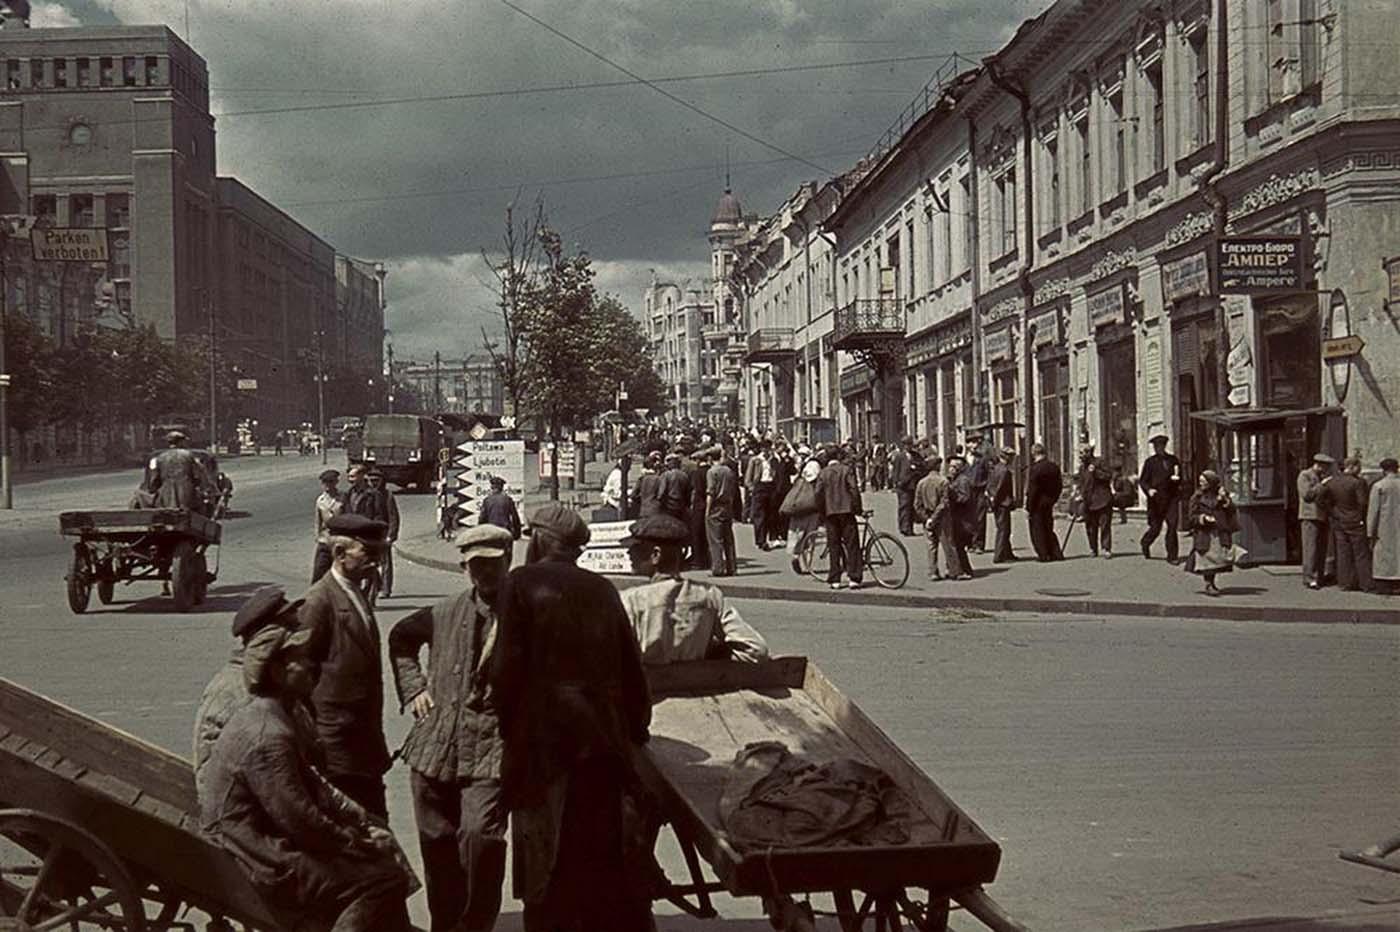 Vista de la calle en Jarkov.